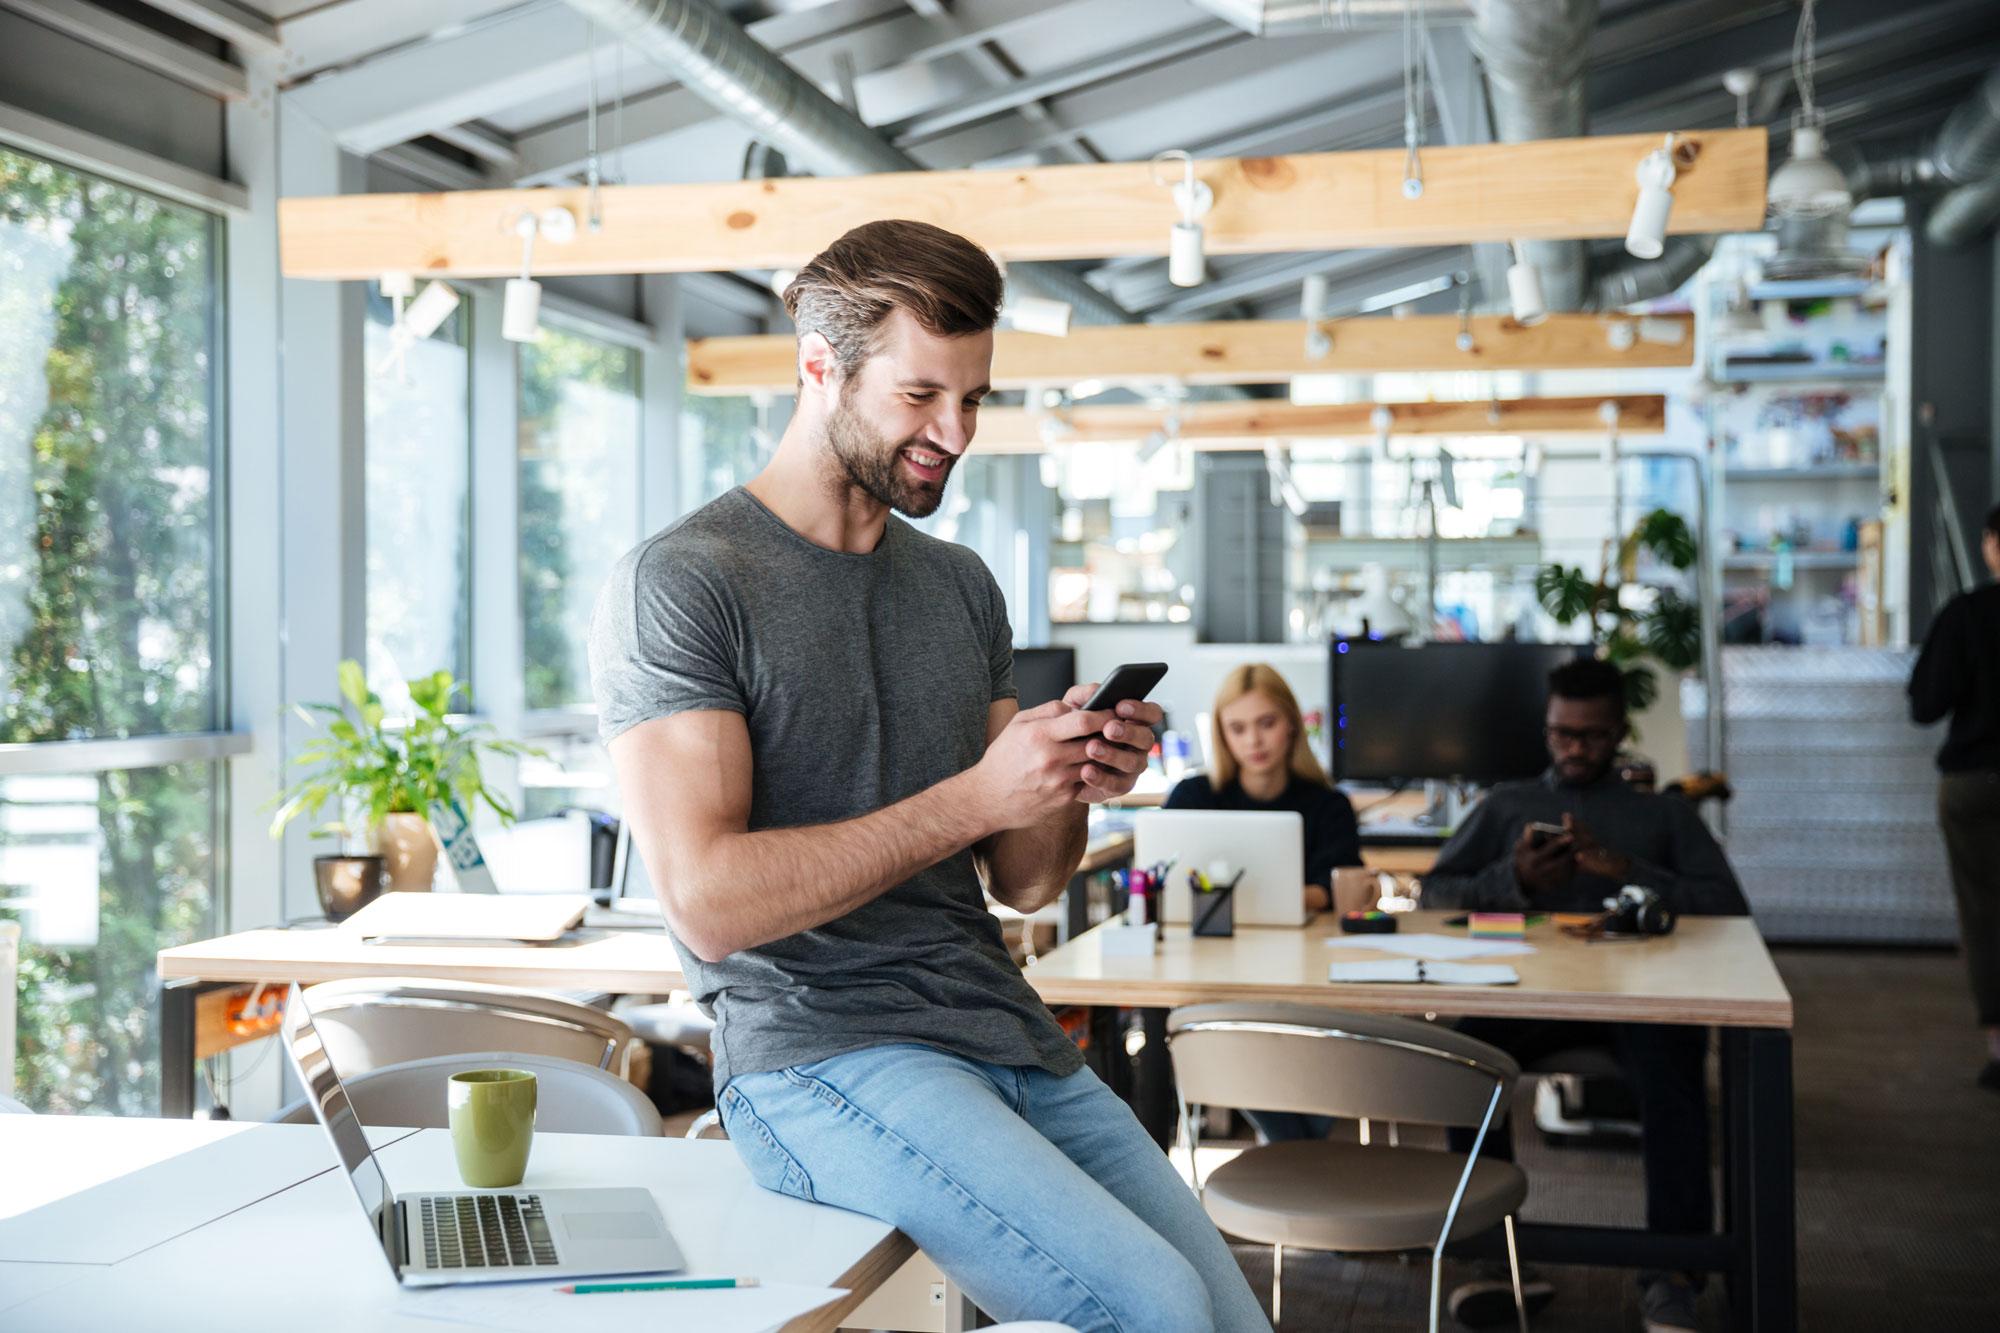 Inbound-Marketing: Leadgenerierung  für B2B-Unternehmen